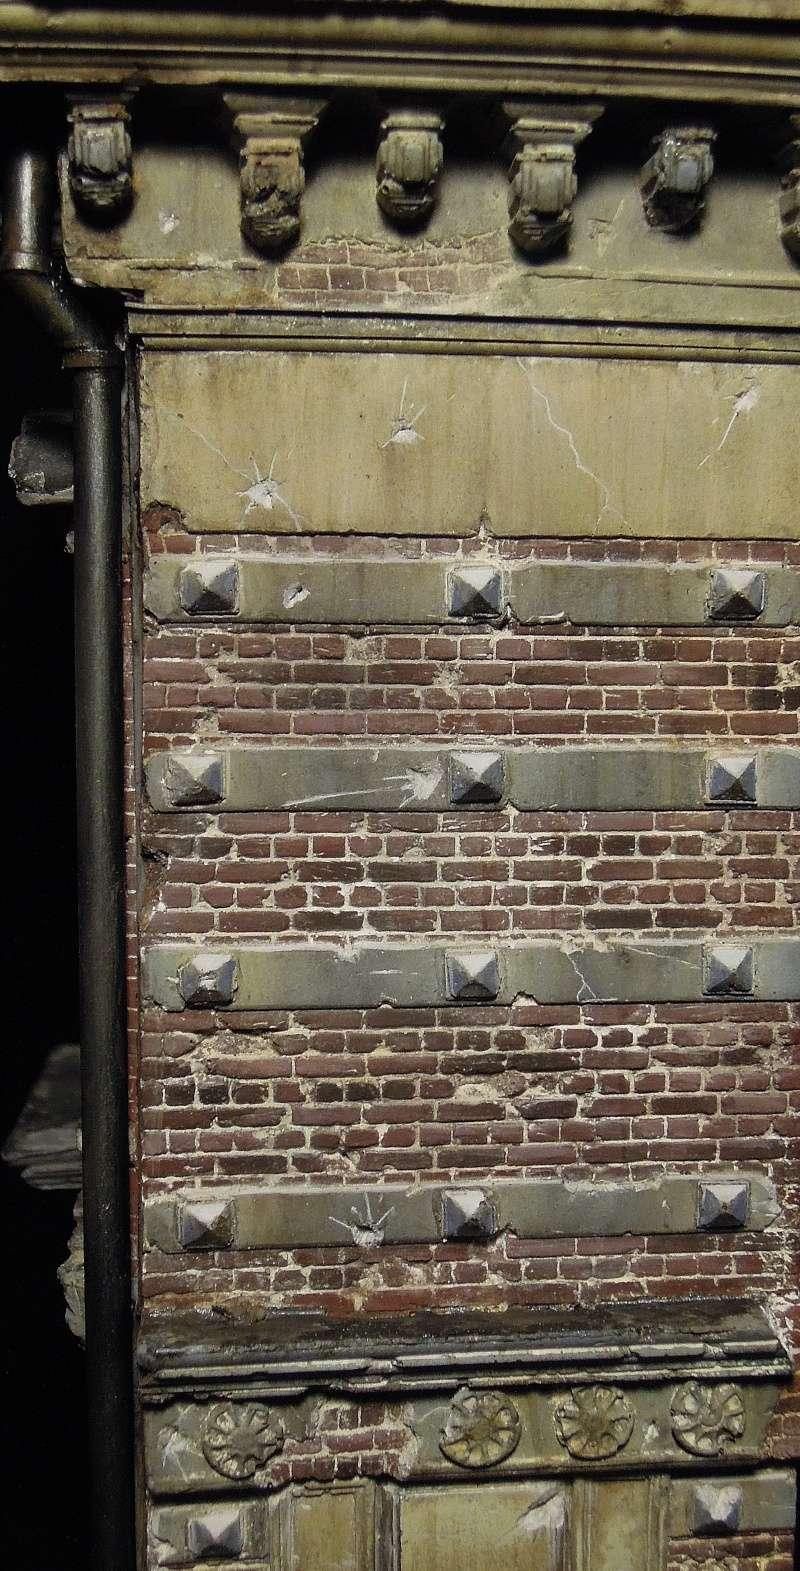 nouvelle façade berlinoise scratch intégral - Page 14 Dscn5530